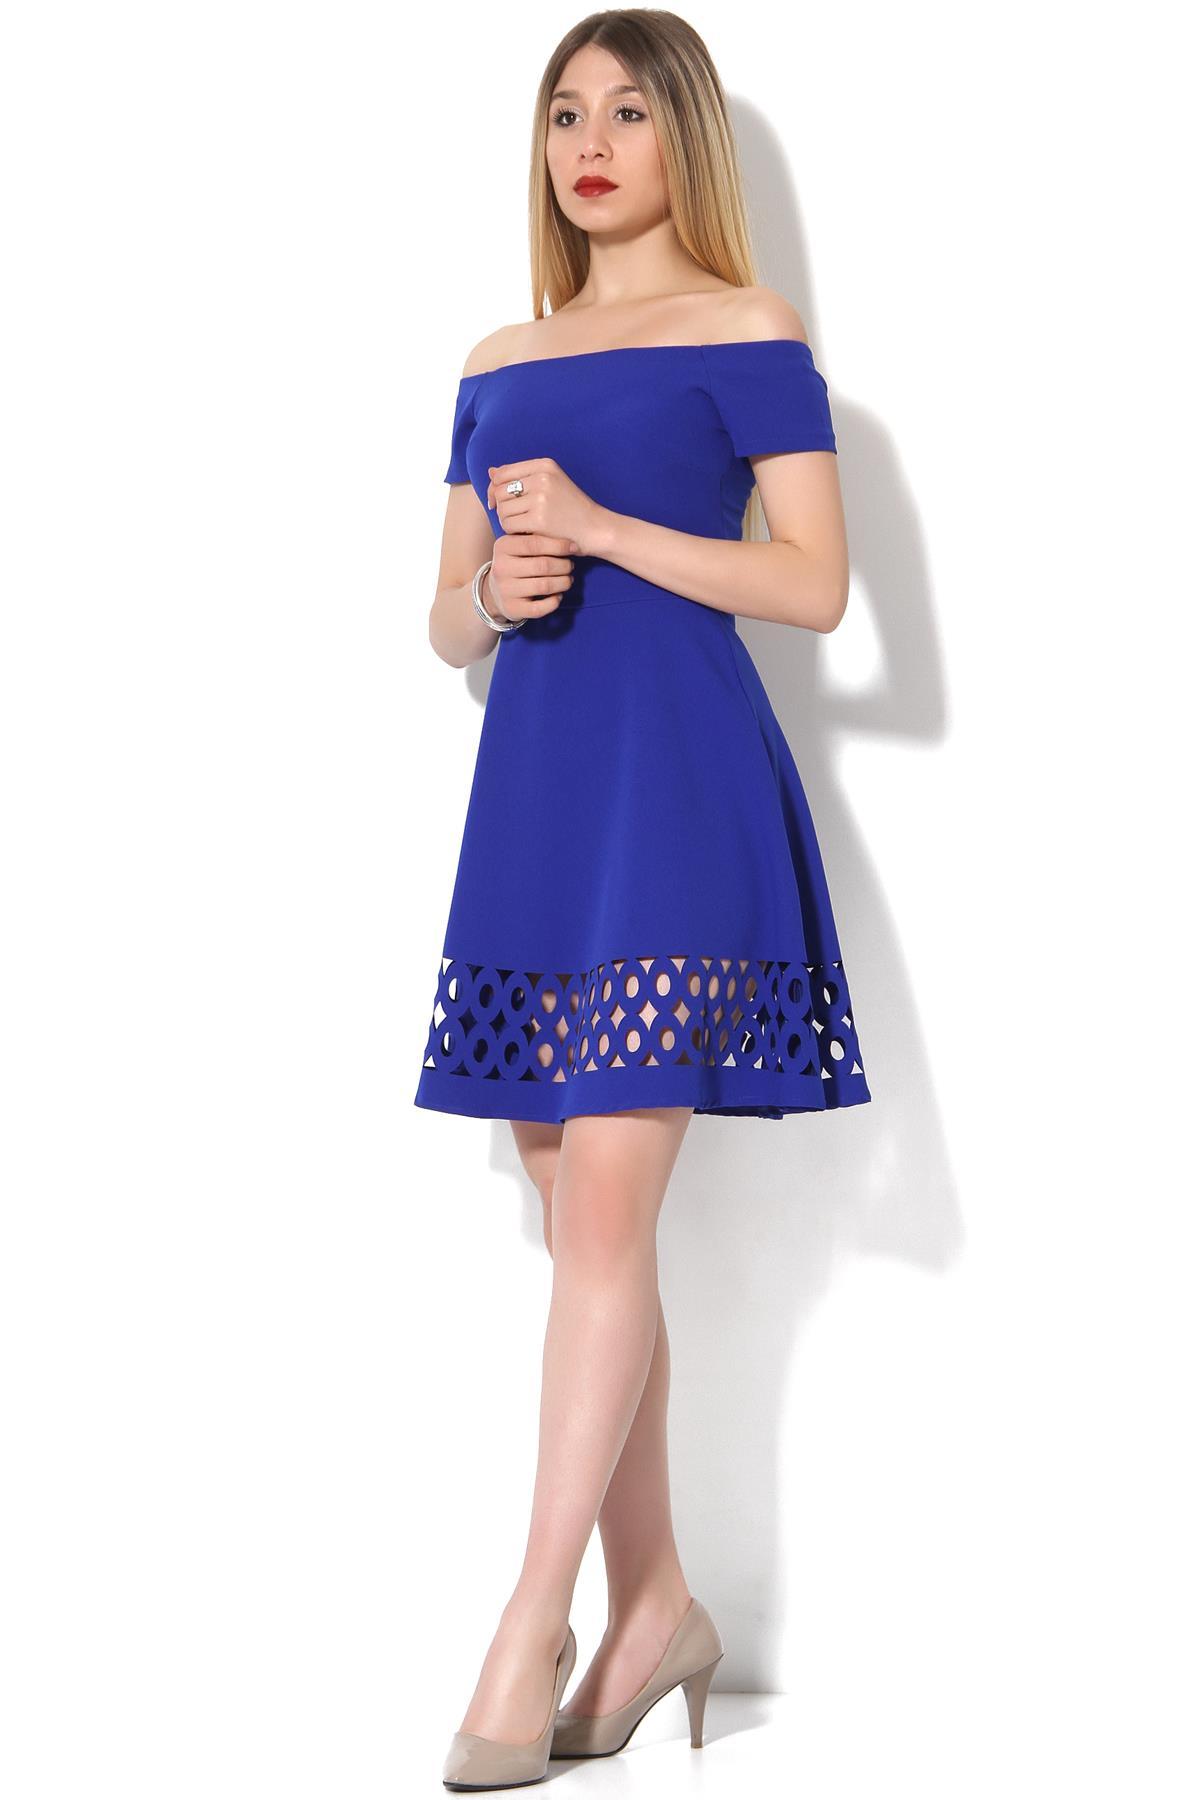 ac6526389c263 Lazer Kesim Patırtı Giyim Yazlık Elbise Modelleri 2016 »